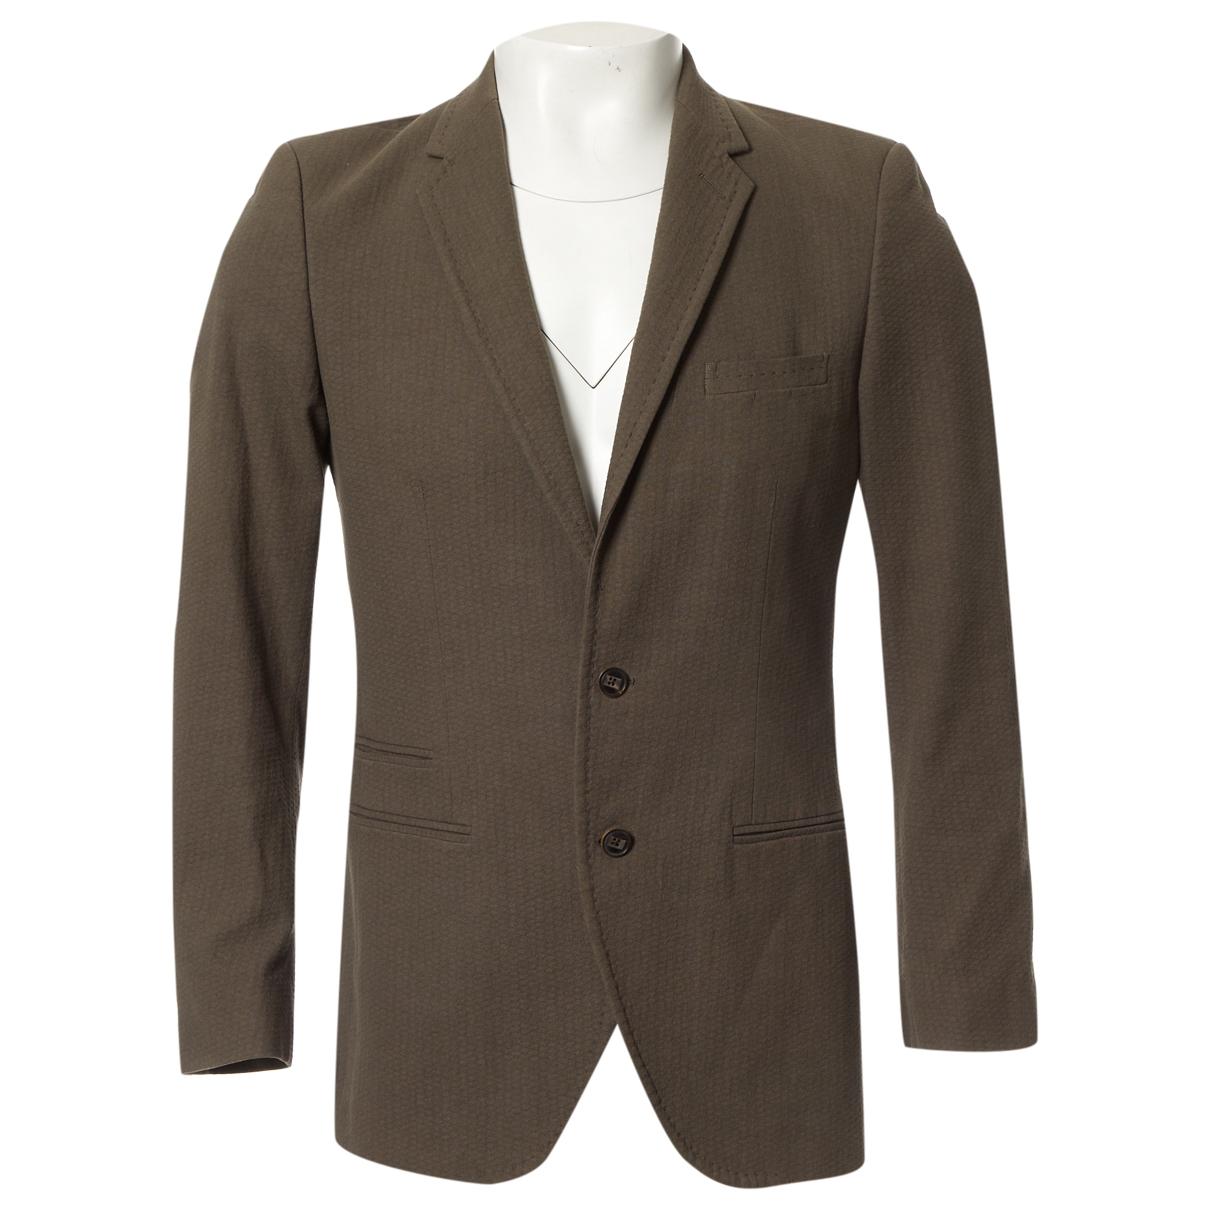 Louis Vuitton - Vestes.Blousons   pour homme en coton - marron